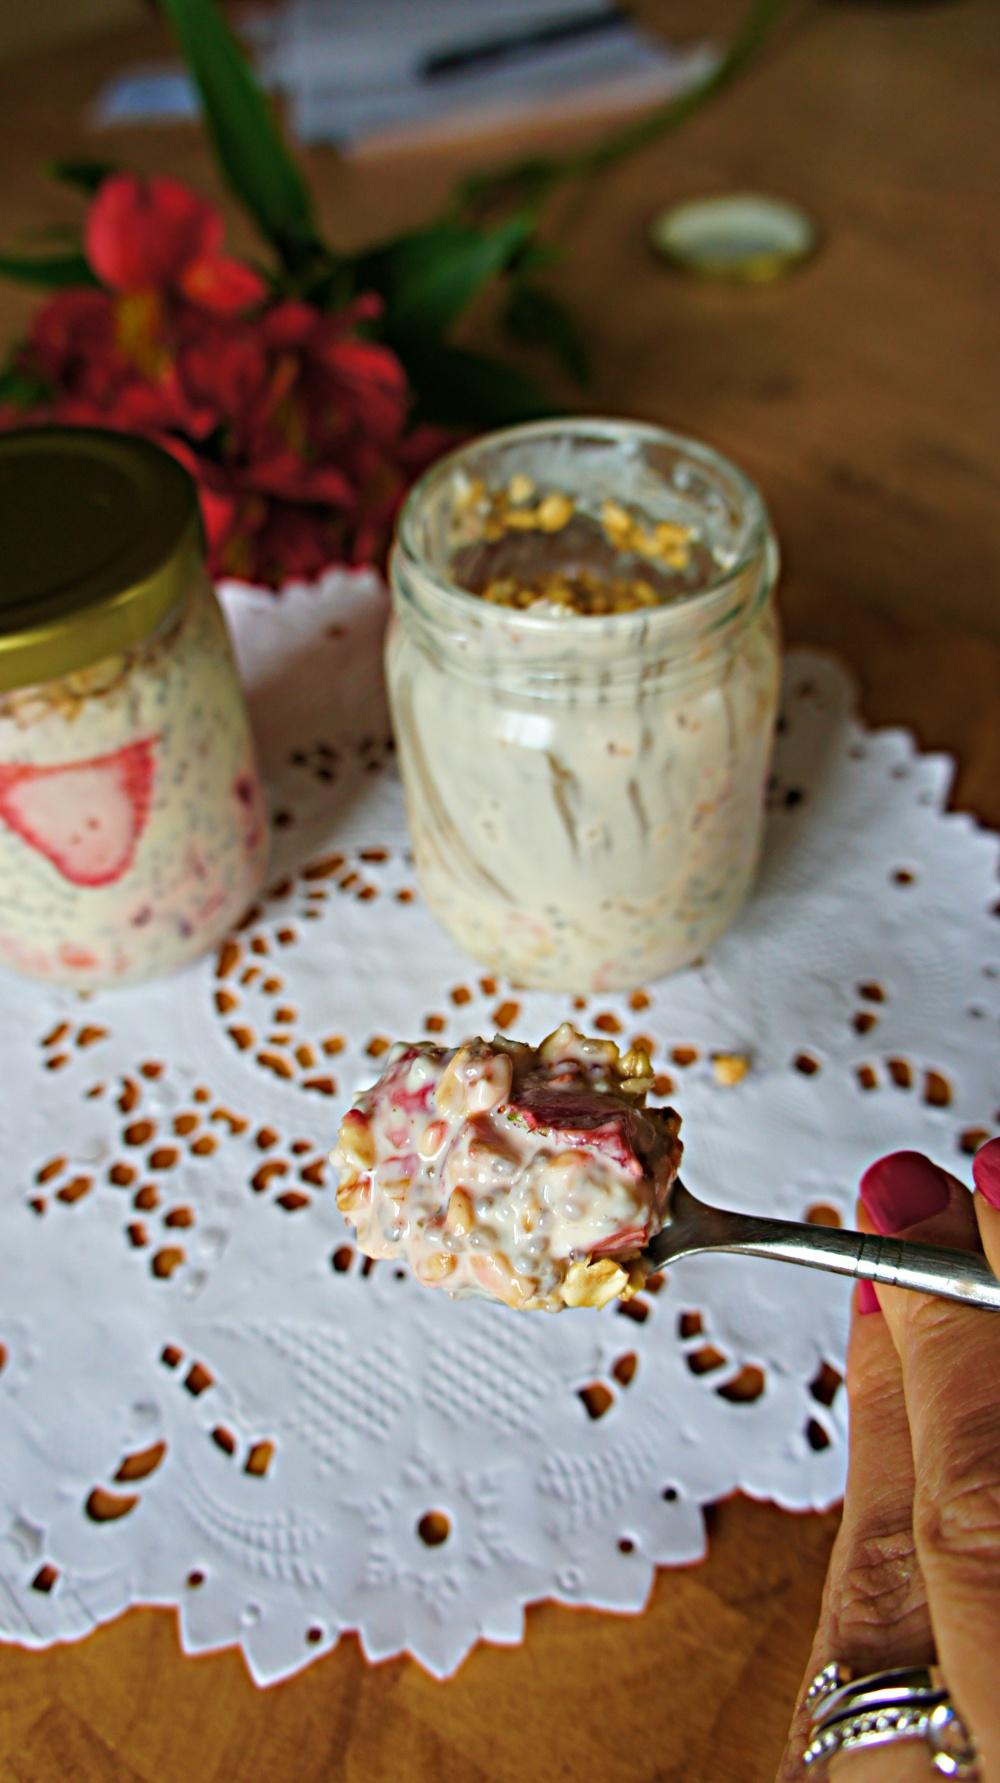 receita de pudim de chia, flocos de aveia e morango